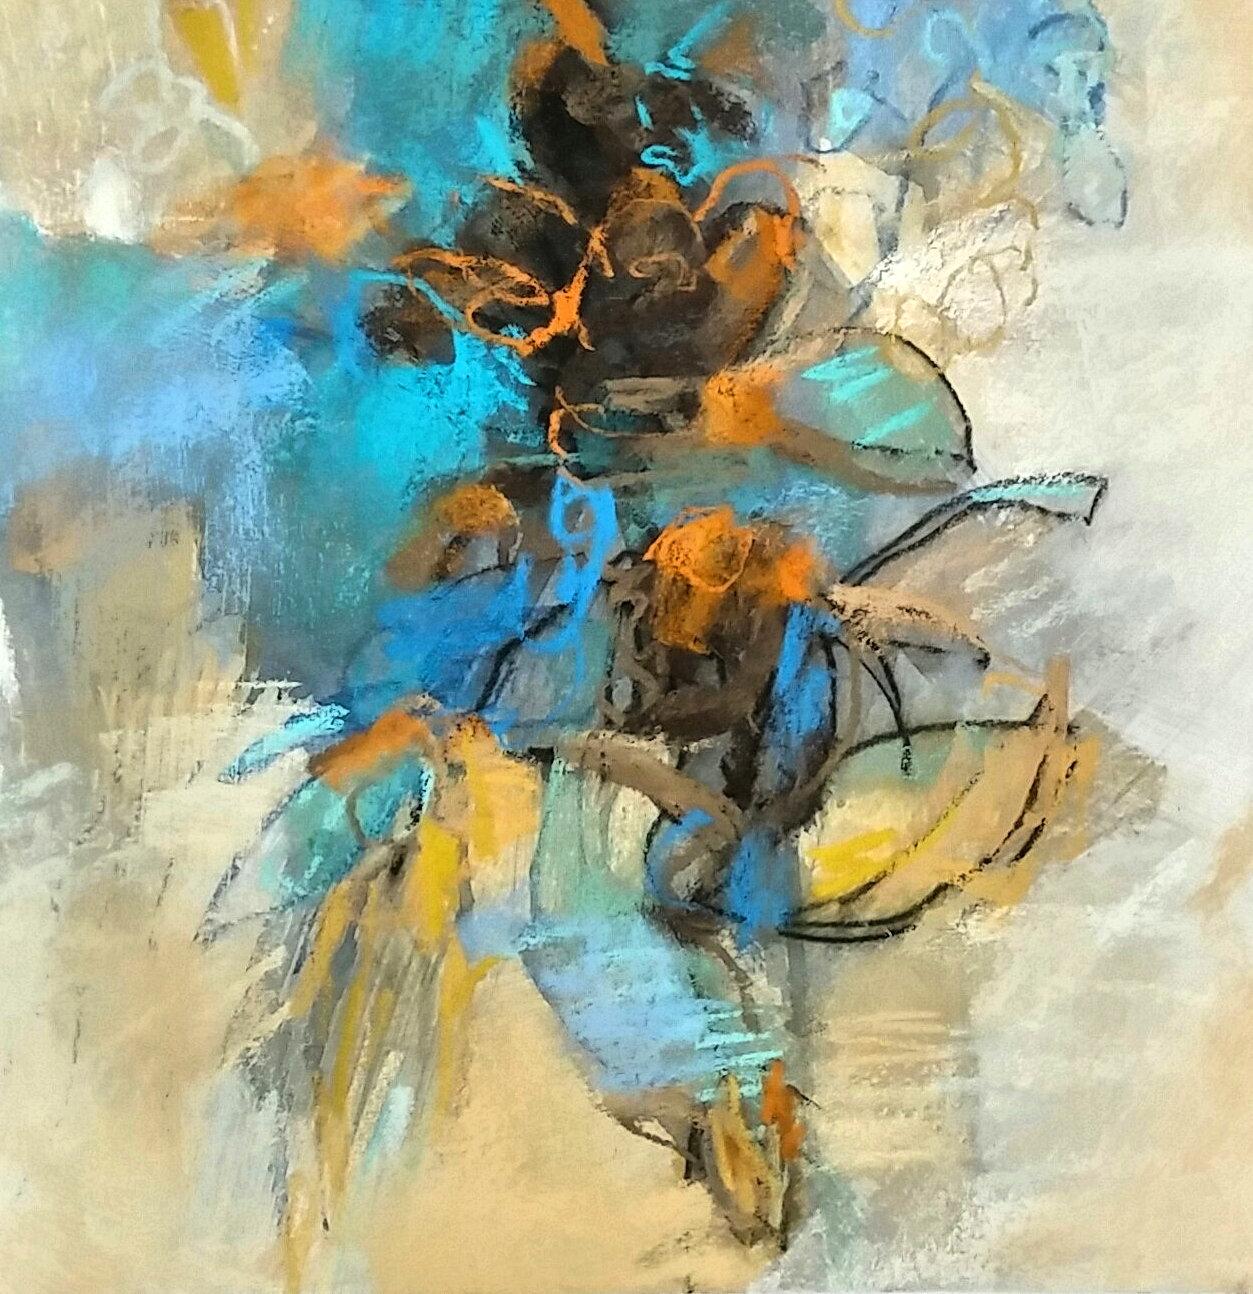 Blue Salvia By Debora Stewart Pastel Painting Artful Home